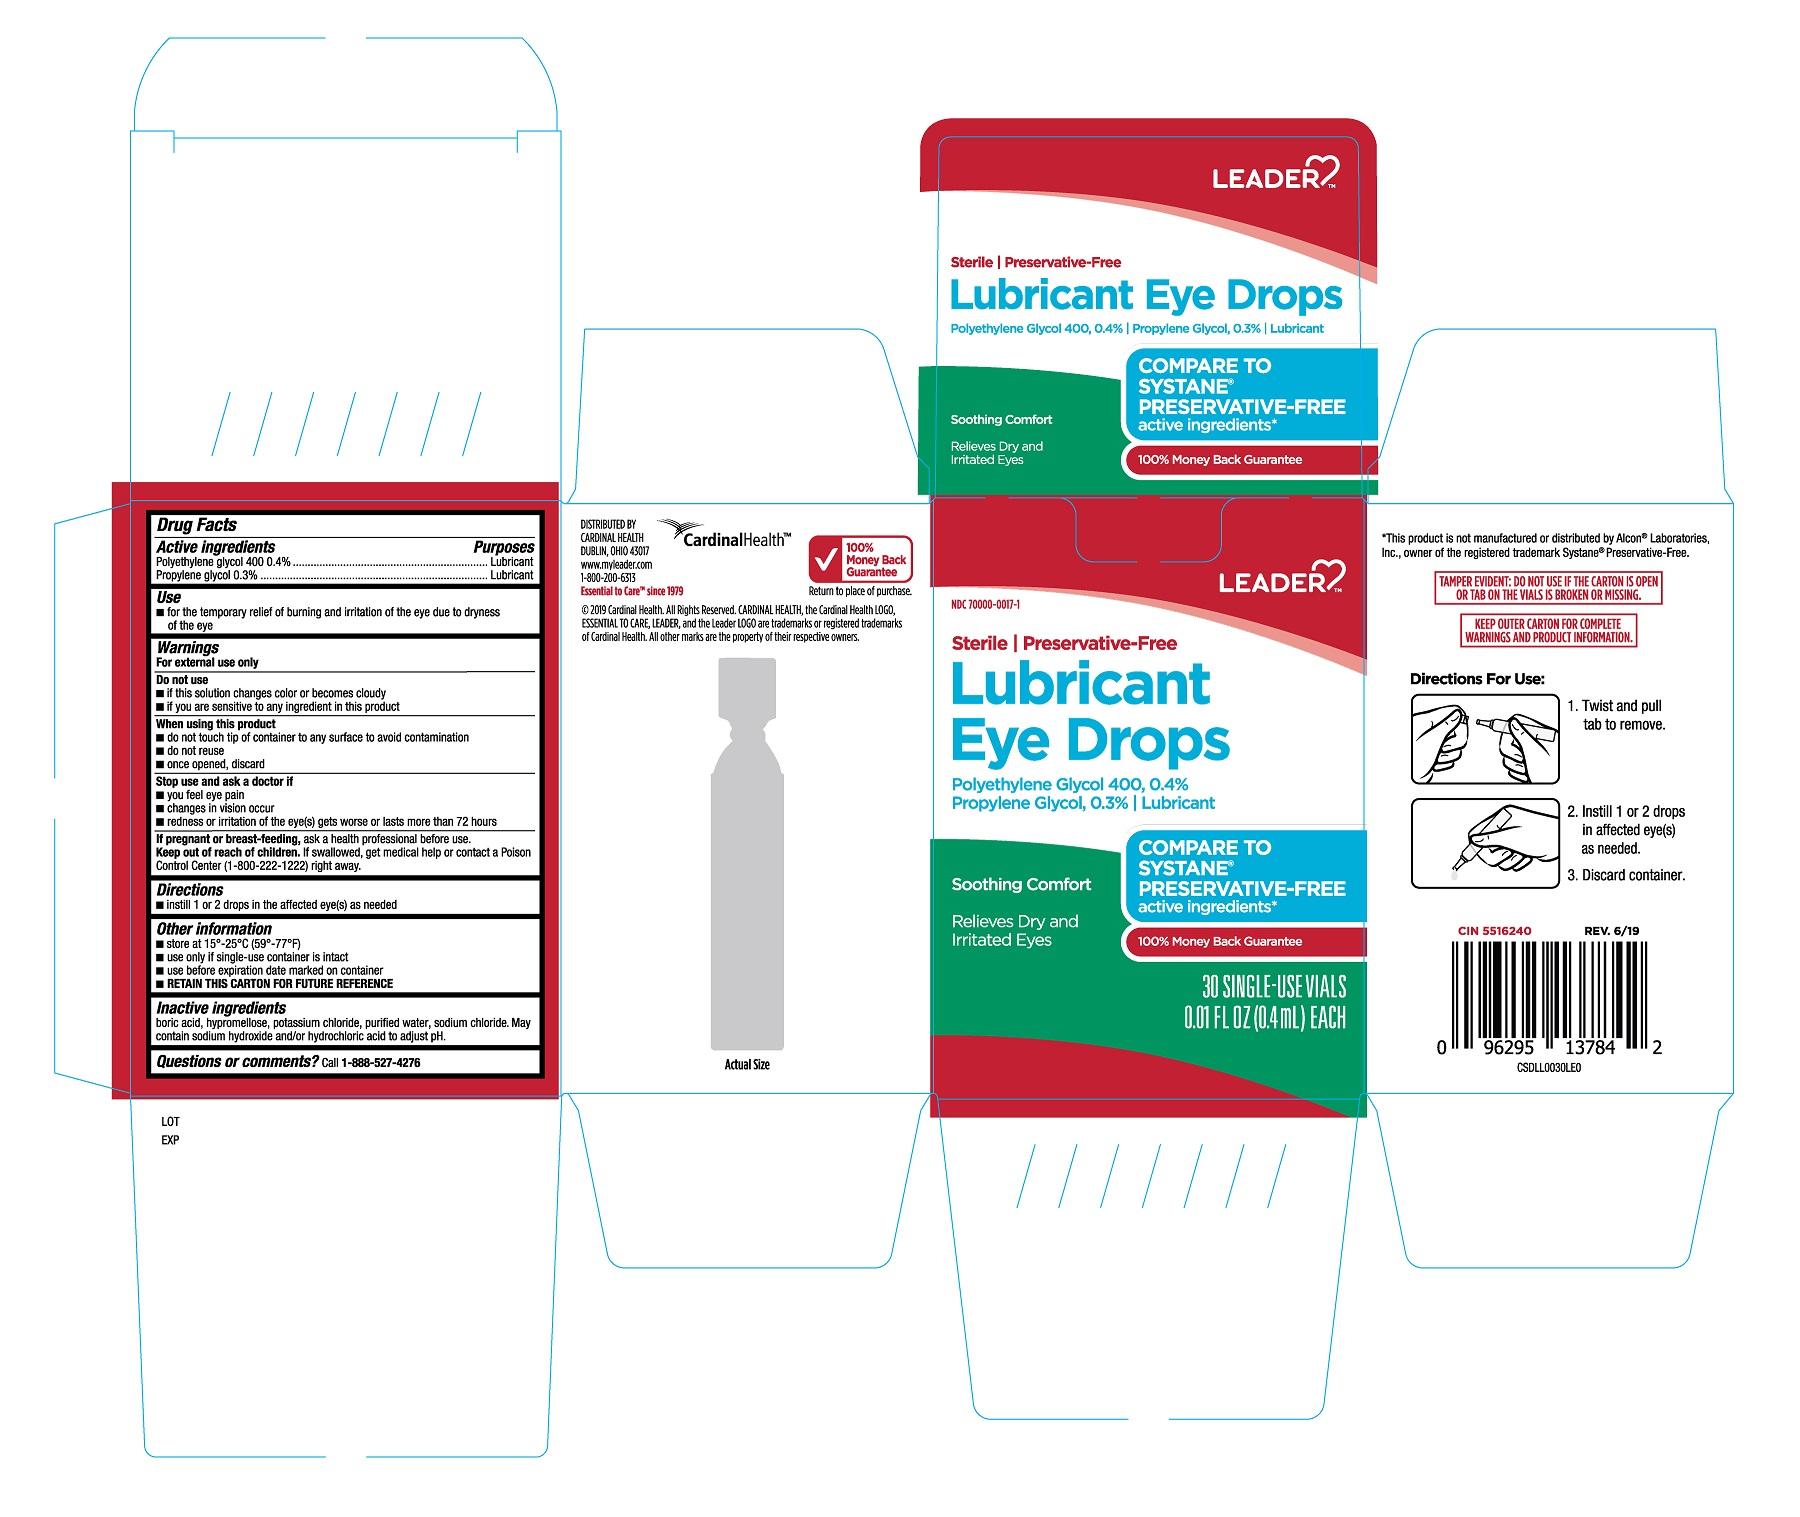 Polyethylene Glycol 400, Propylene Glycol (Leader Lubricant Eye Drops 30ct)